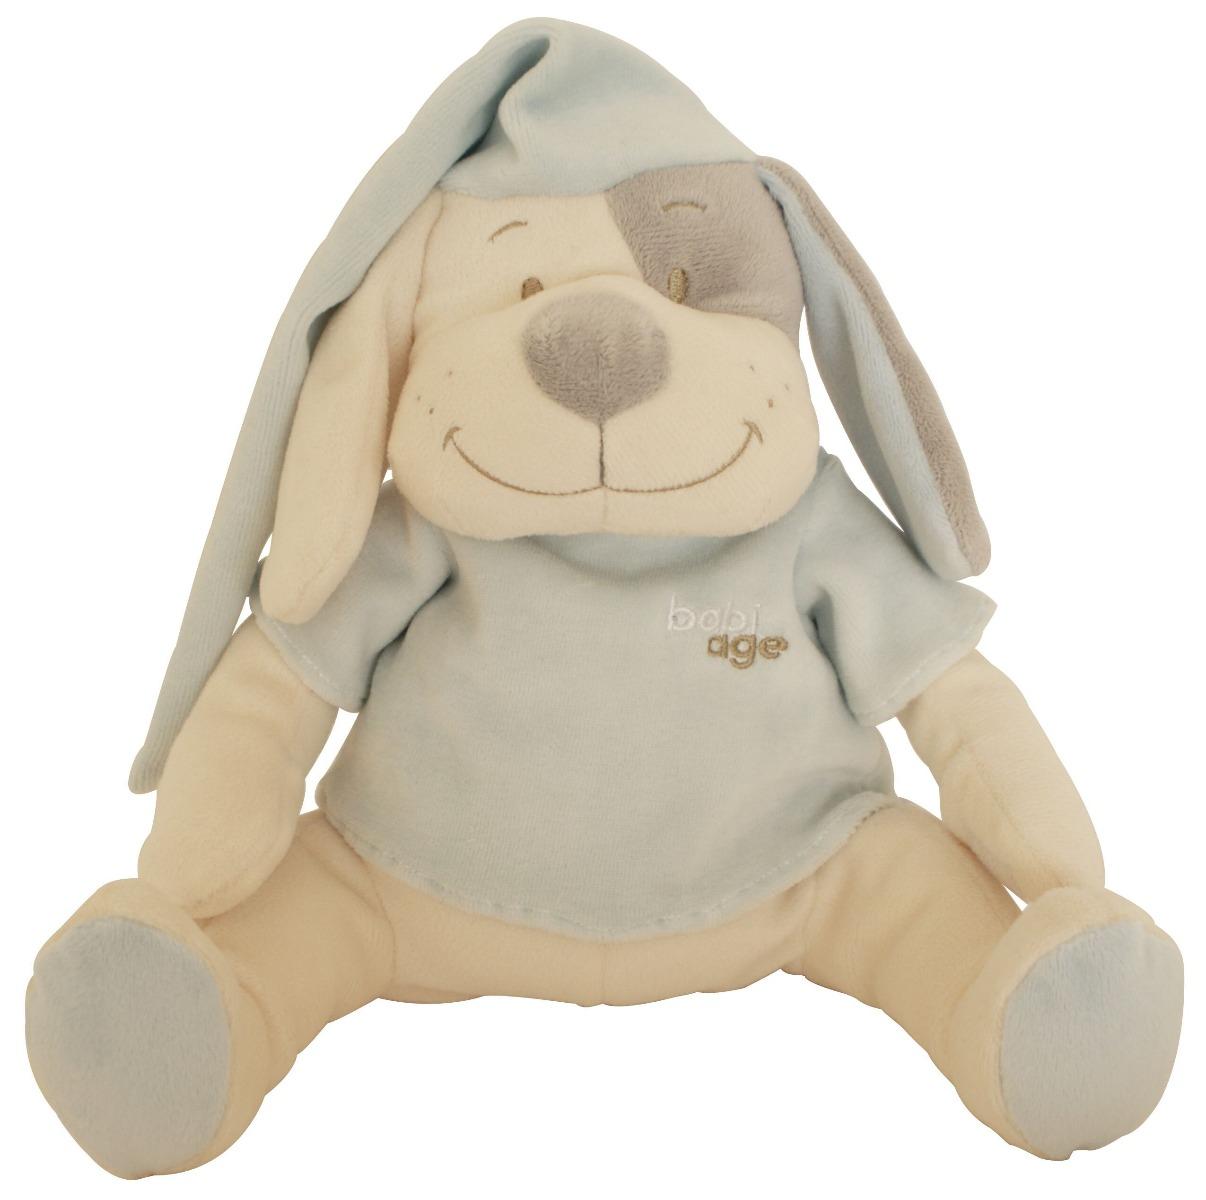 Back-to-sleep baby monitor - Blue Dog Doodoo